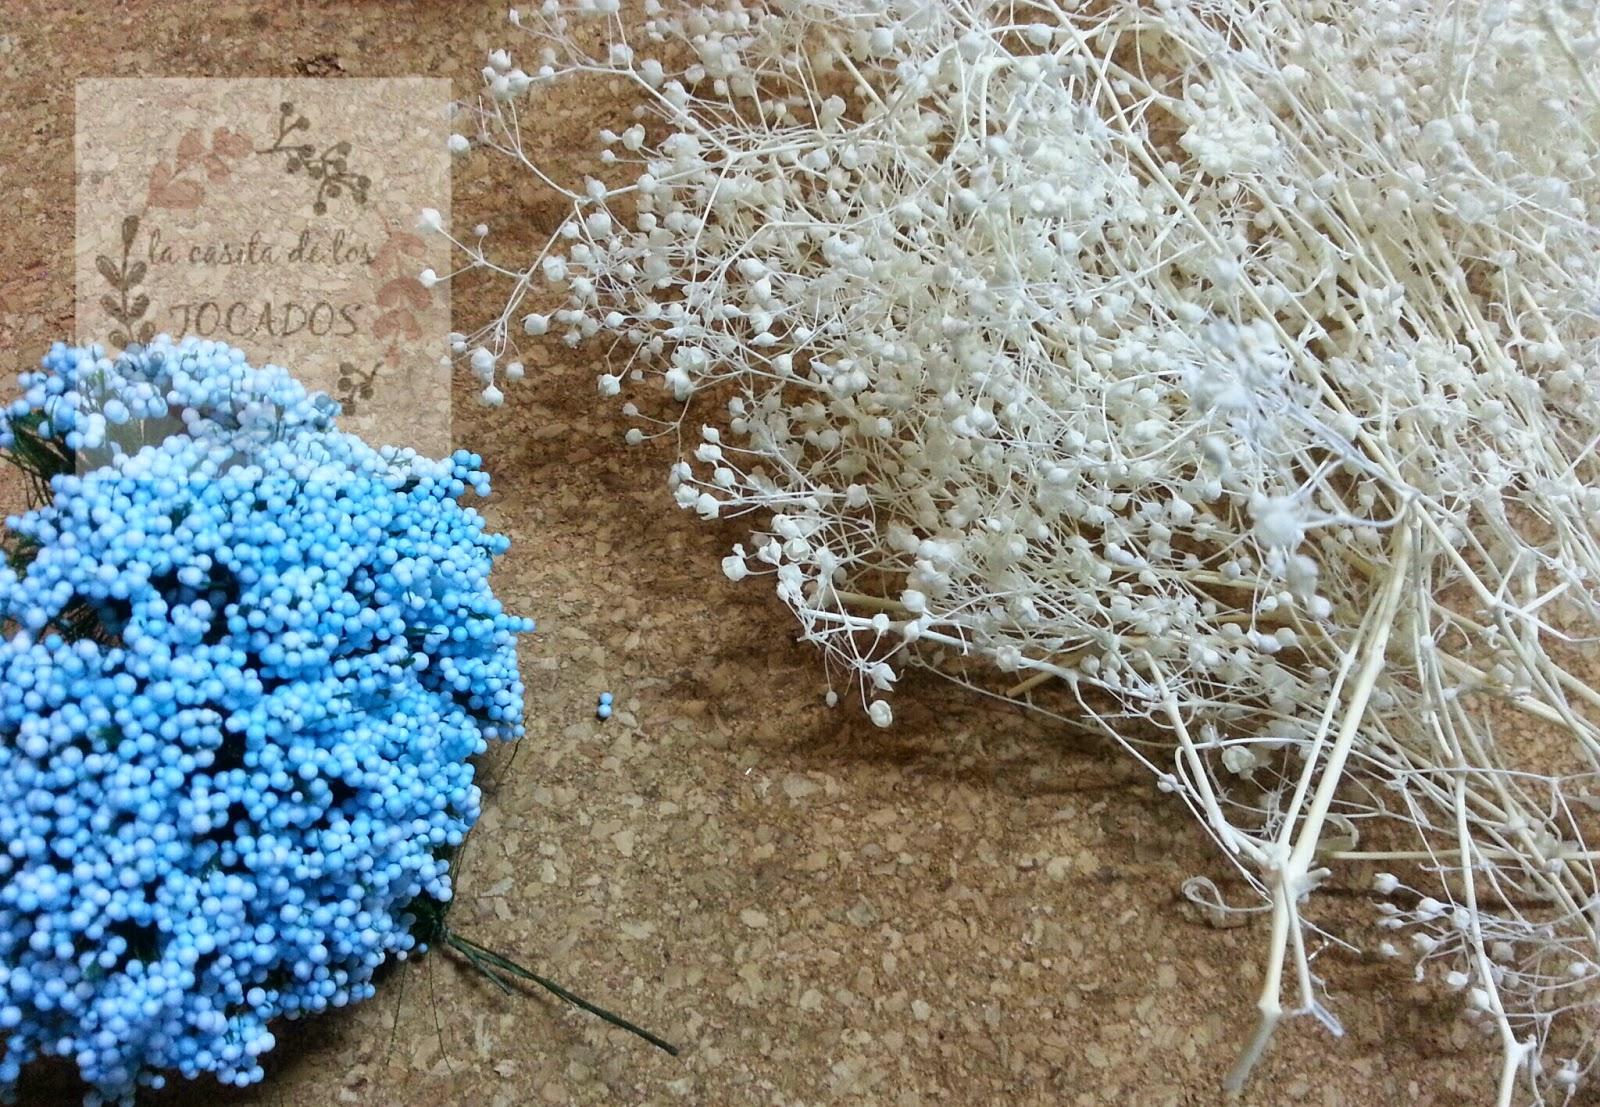 flores secas para incorporar a un bouquet para boda